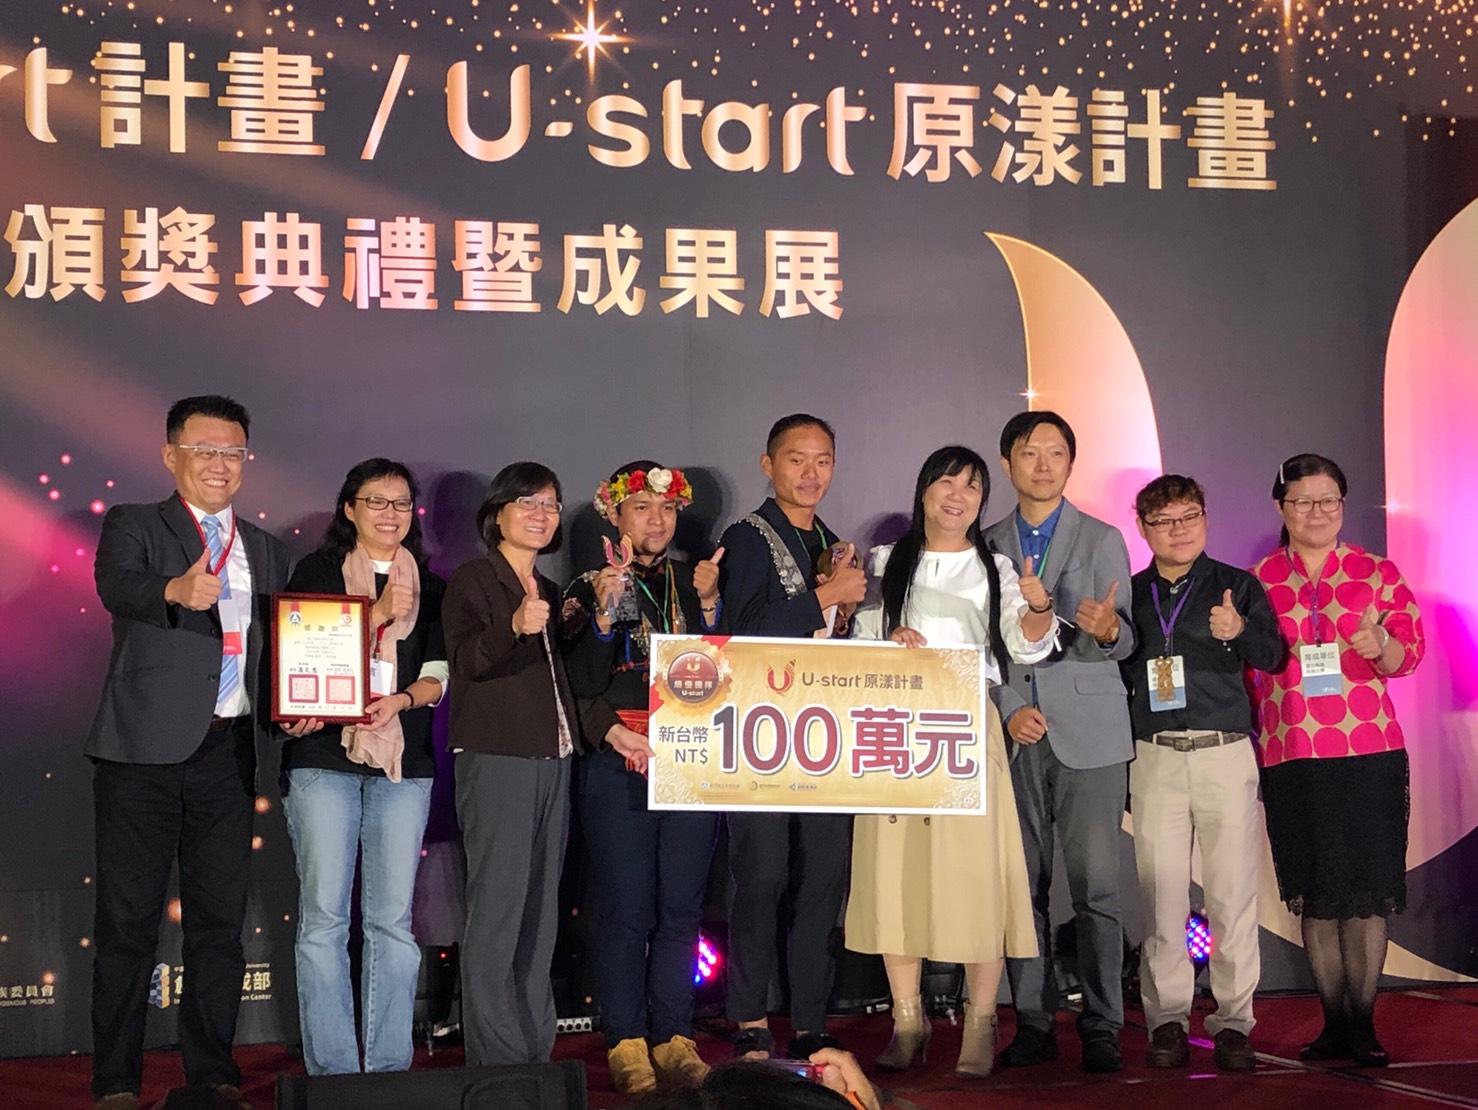 第109年度U-start原漾計畫100萬創業獎金由國立高雄科技大學創業團隊成立的和木相處有限公司拔得頭籌。攝影/陳彥蓉